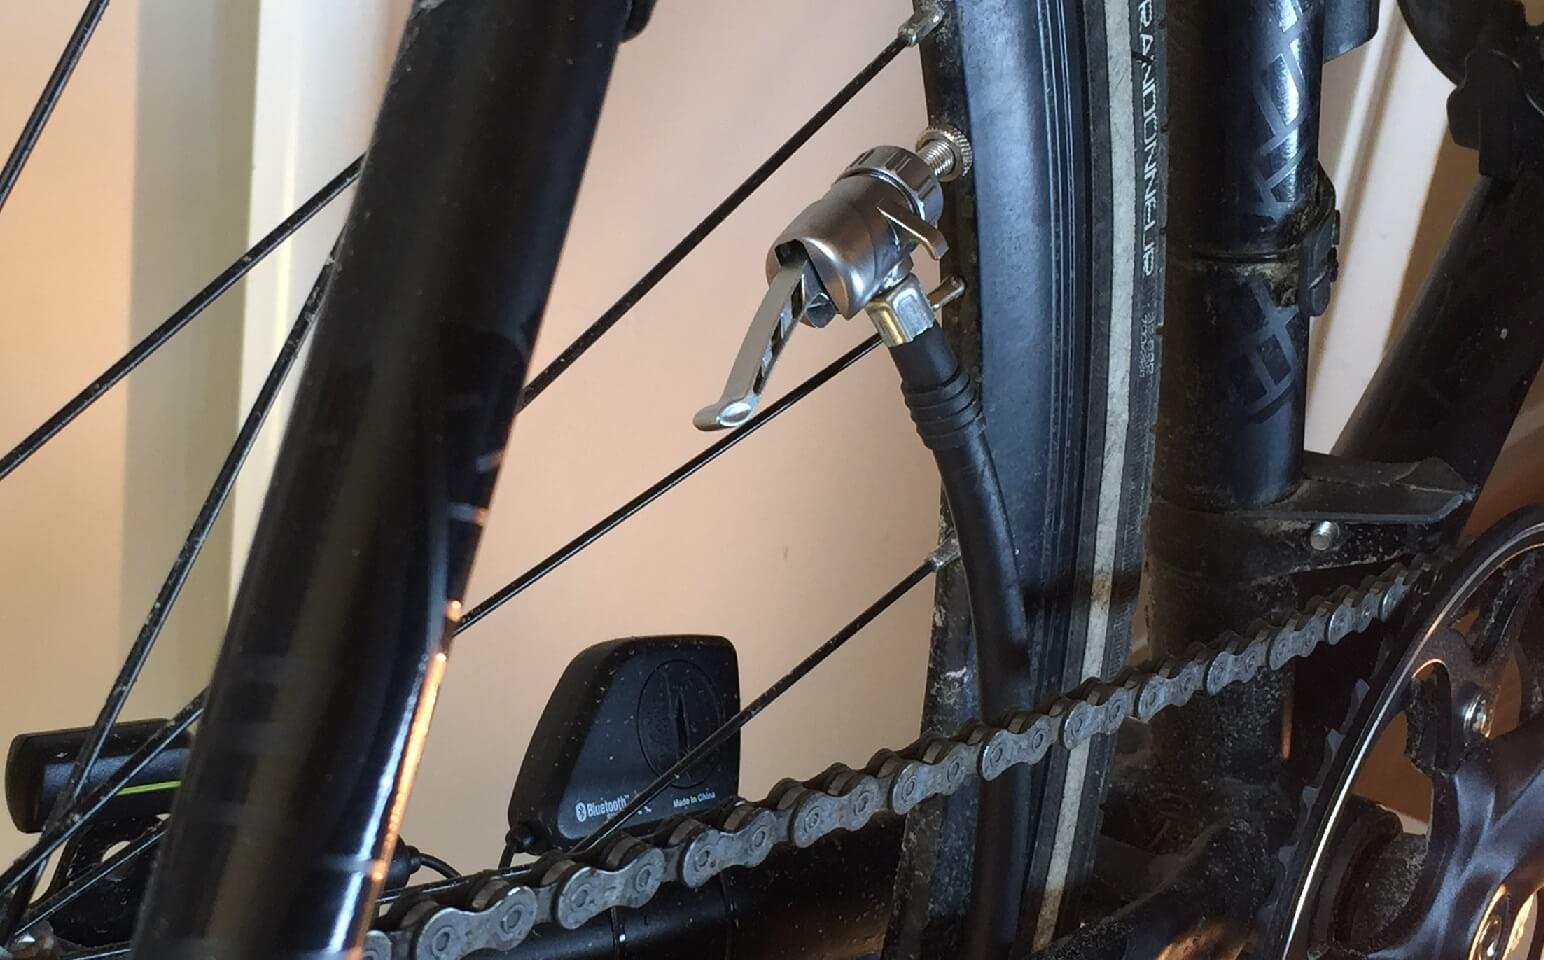 gonflage d'un pneu avec la pompe zefal